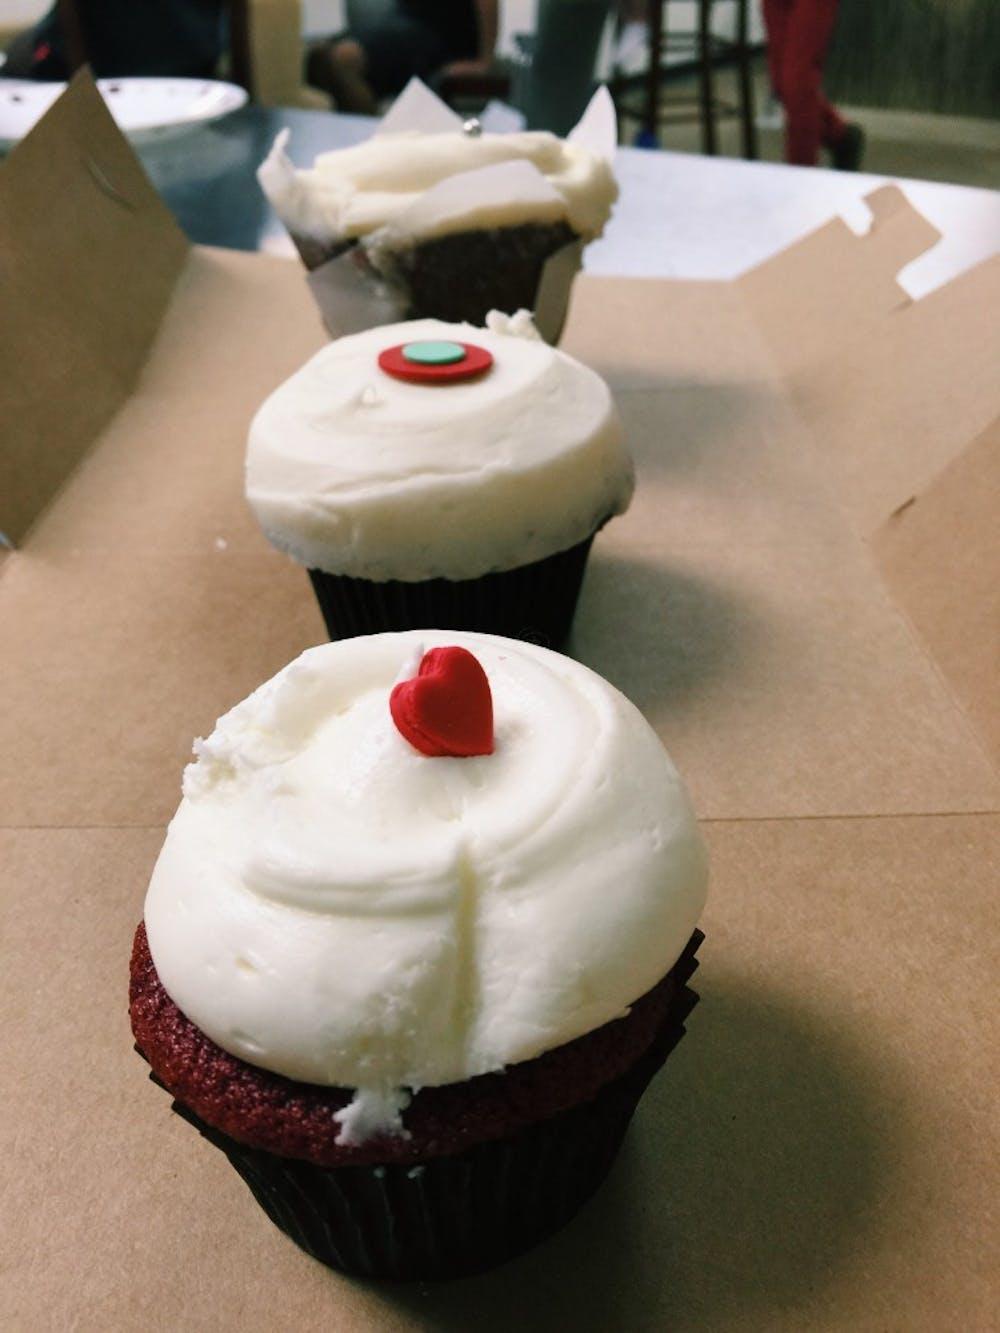 Red Velvet Ranking: Georgetown's best cupcakes